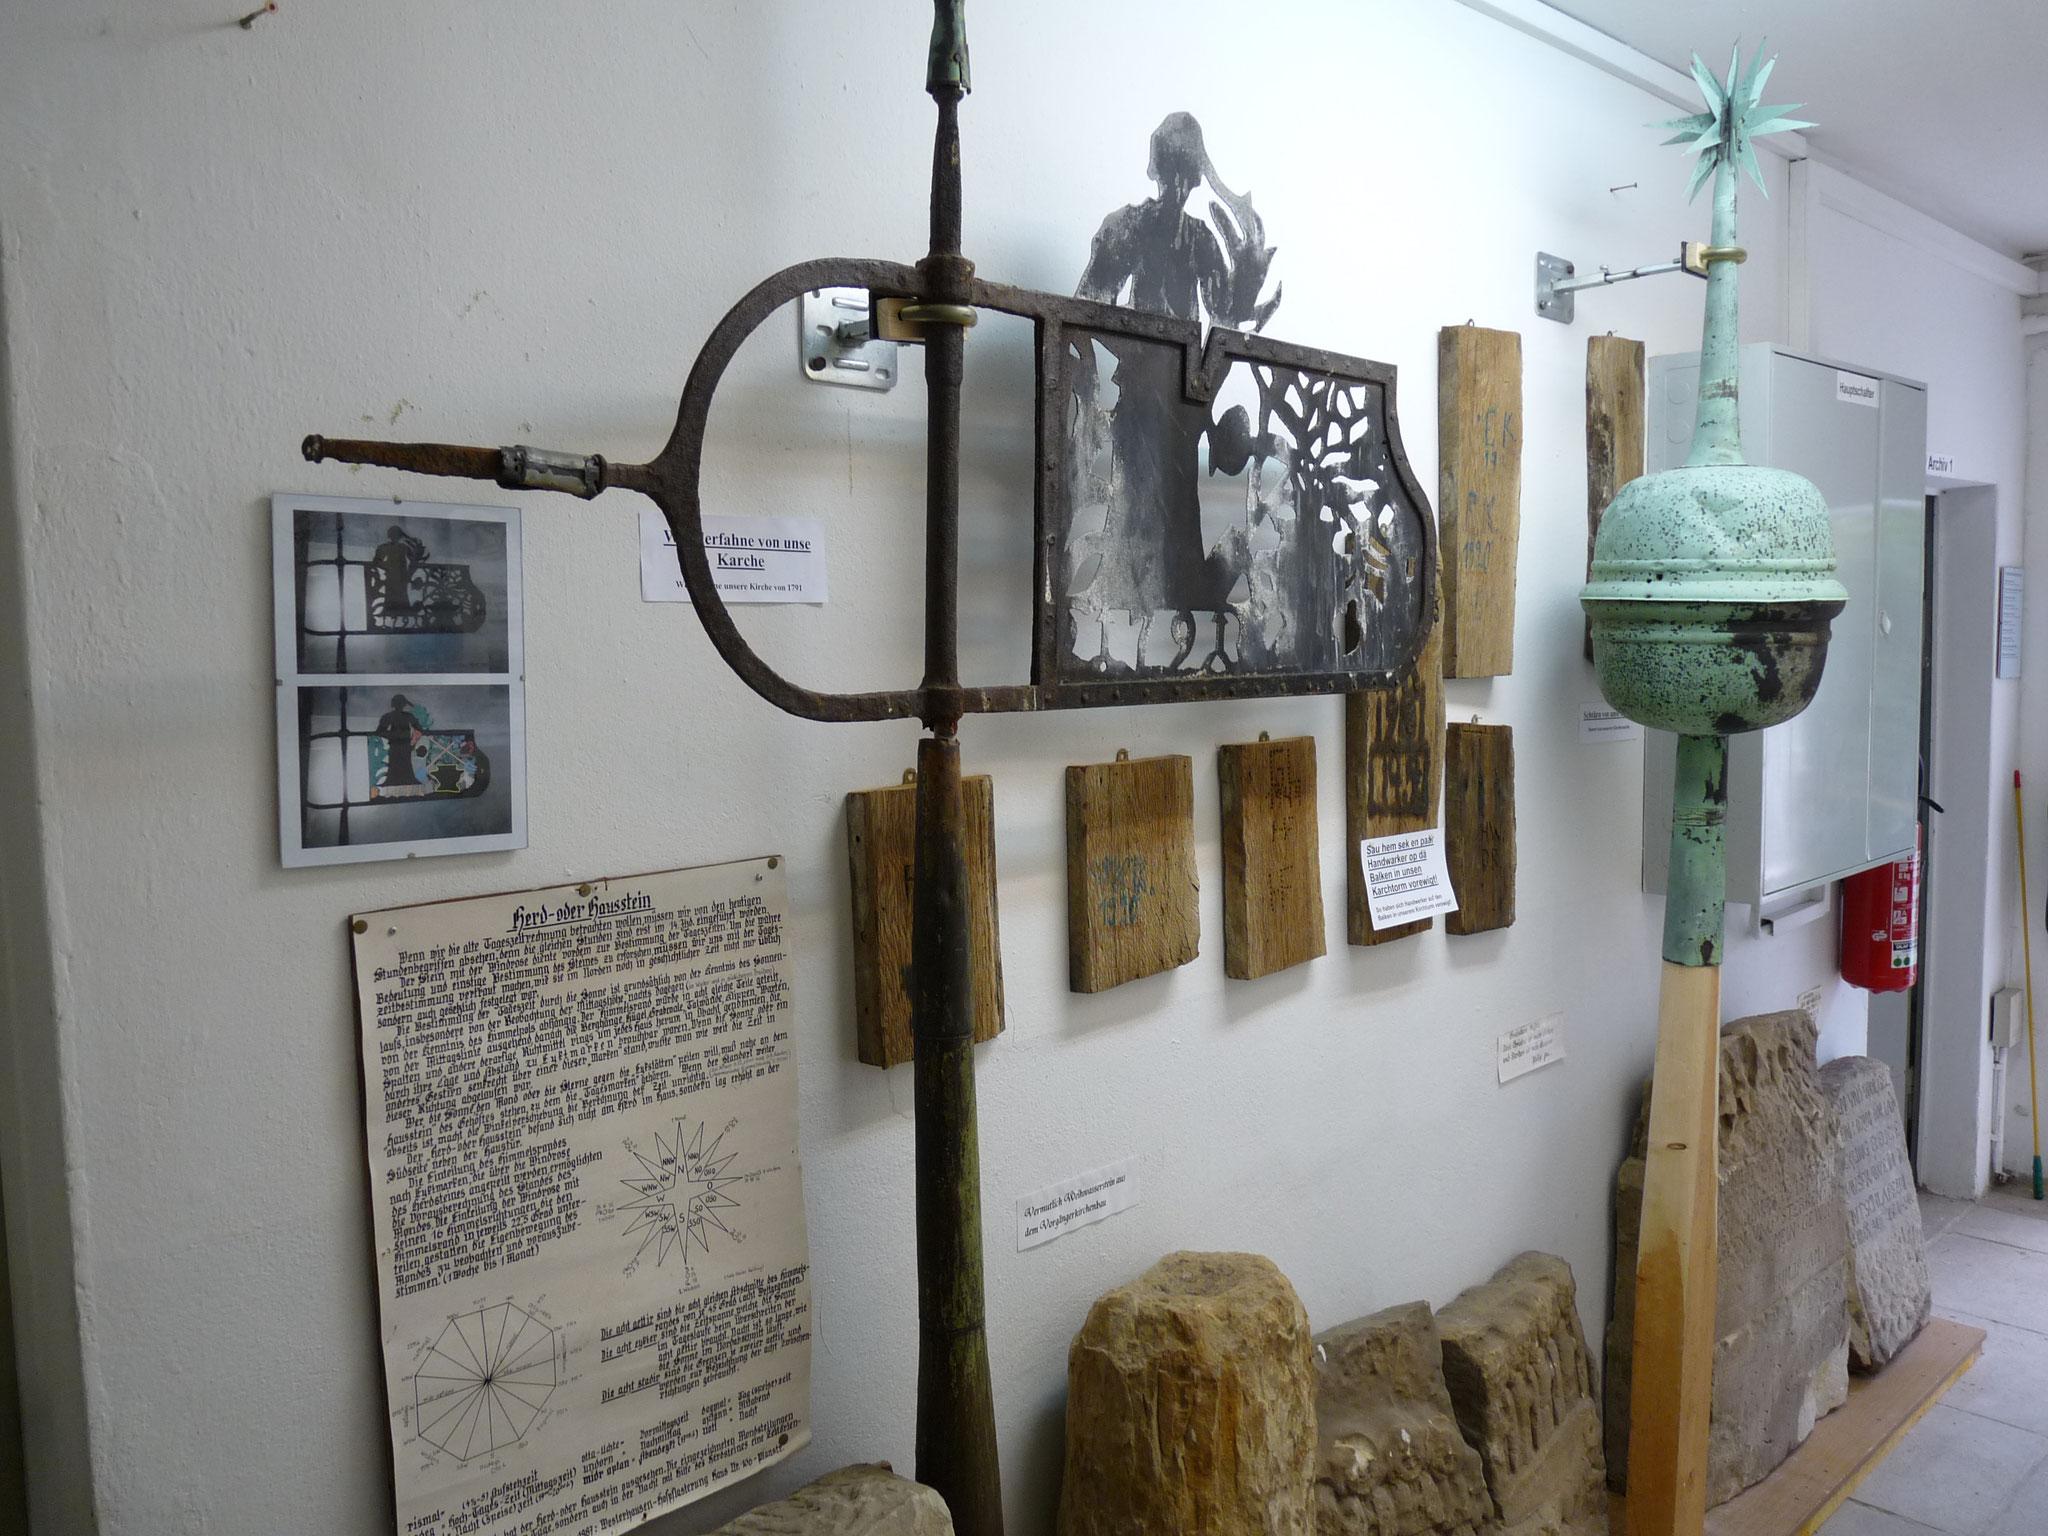 interessante Baureste aus der Kirche